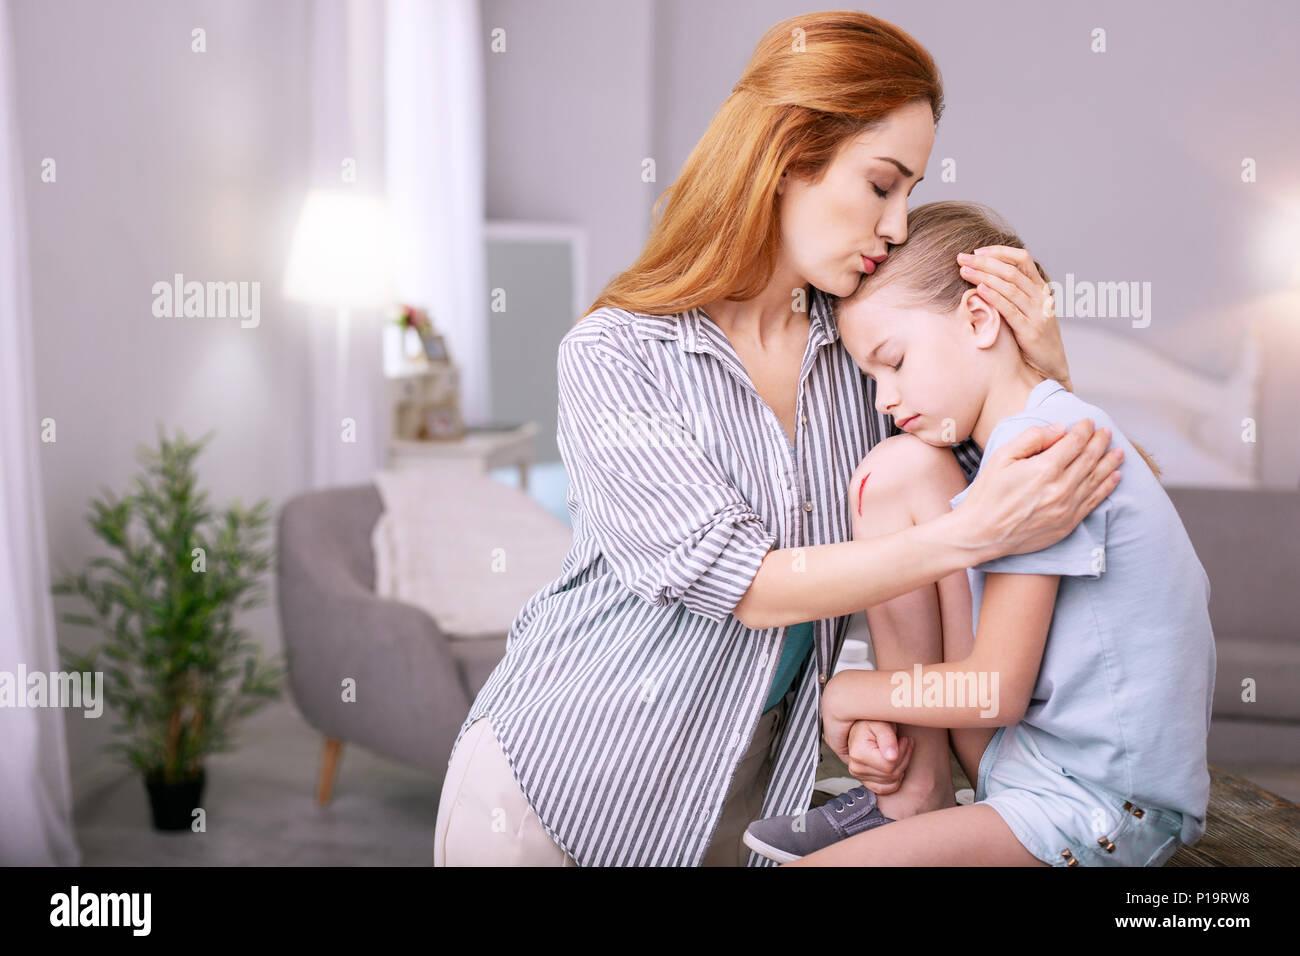 Piacevole amorevole madre baciare il suo bambino Immagini Stock